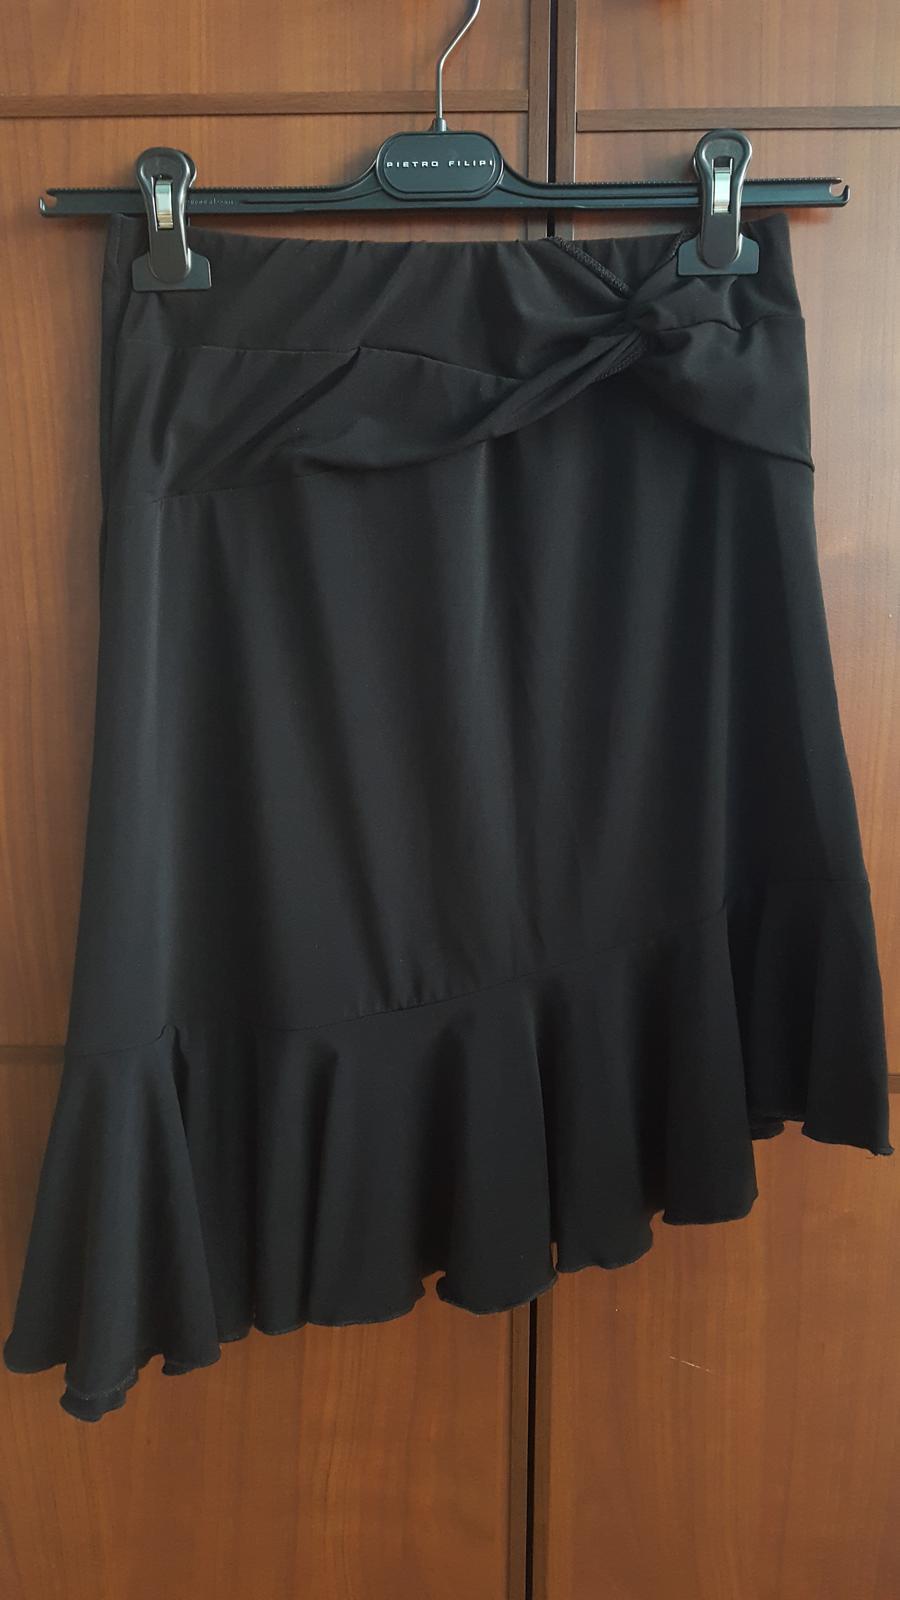 Společenská černá sukně C&A - Obrázek č. 2